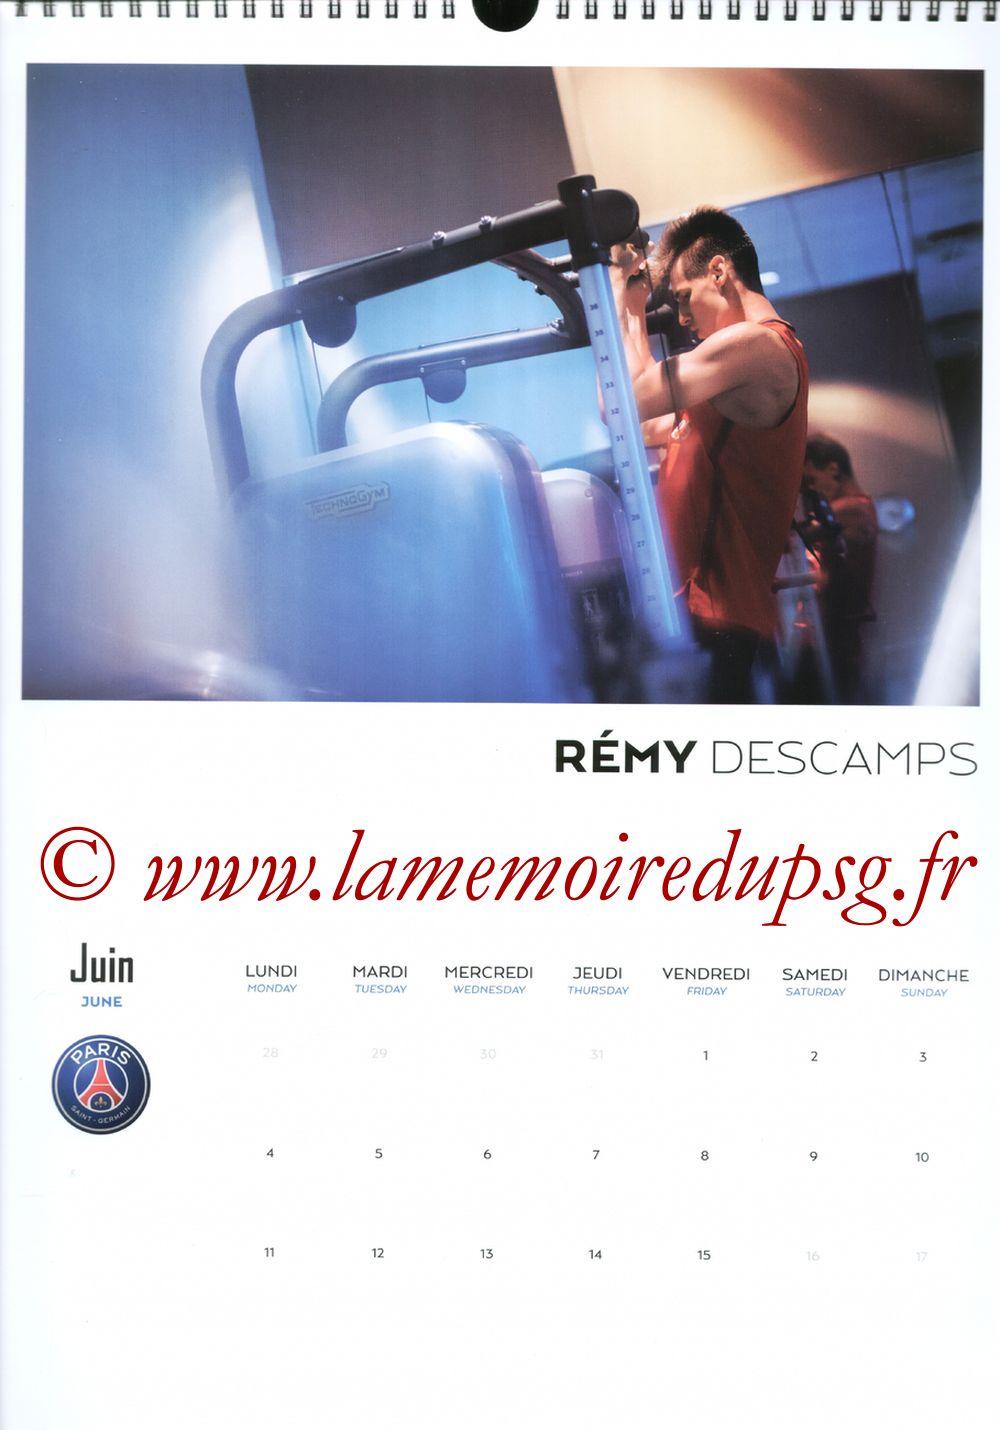 Calendrier PSG 2018 - Page 11 - Remy DESCAMPS